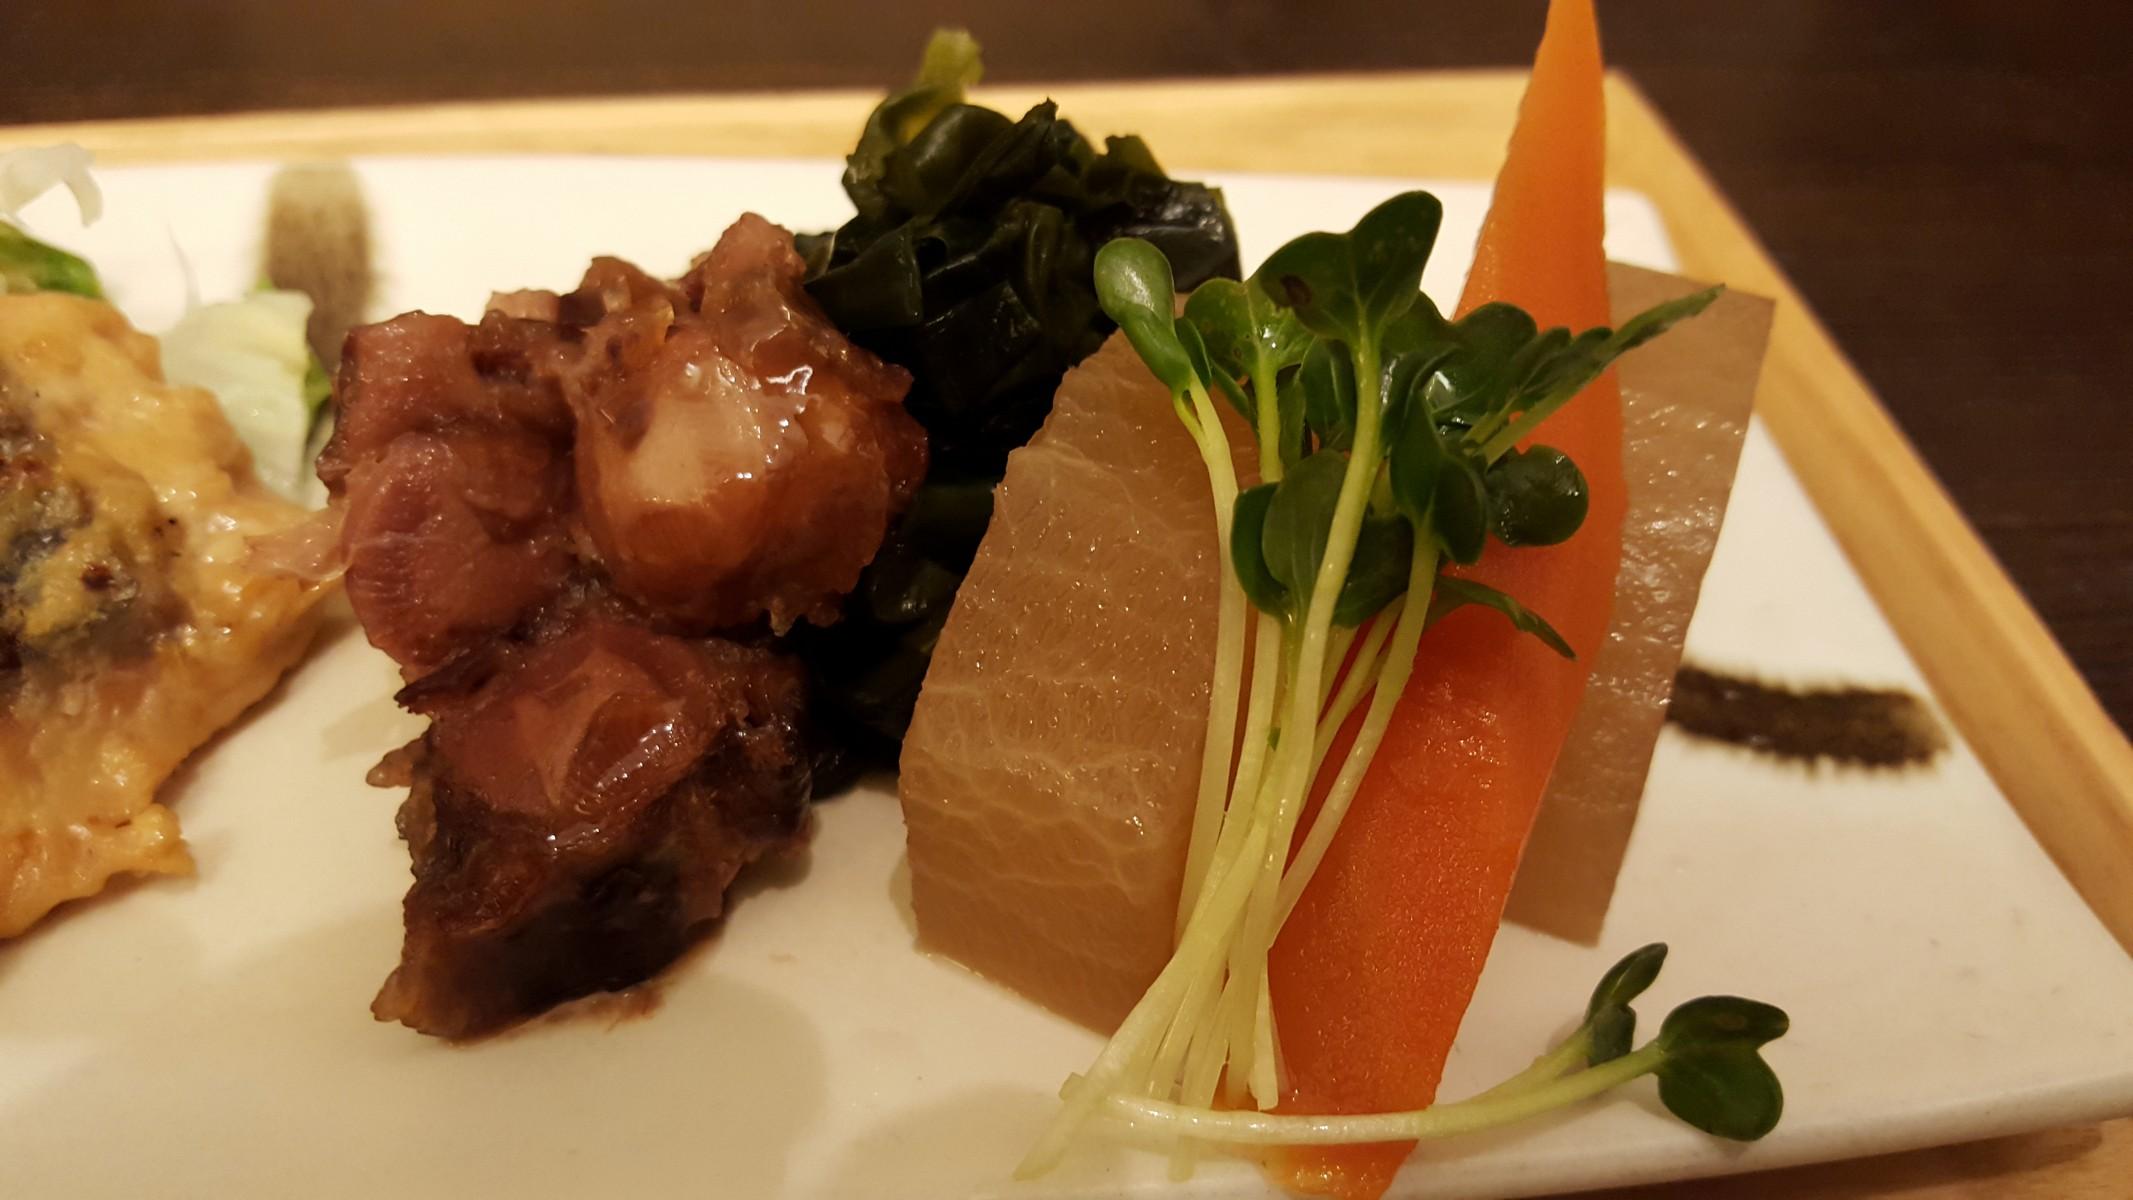 鮭の西京焼と煮物膳/煮物【ごはんcafe/日比谷】